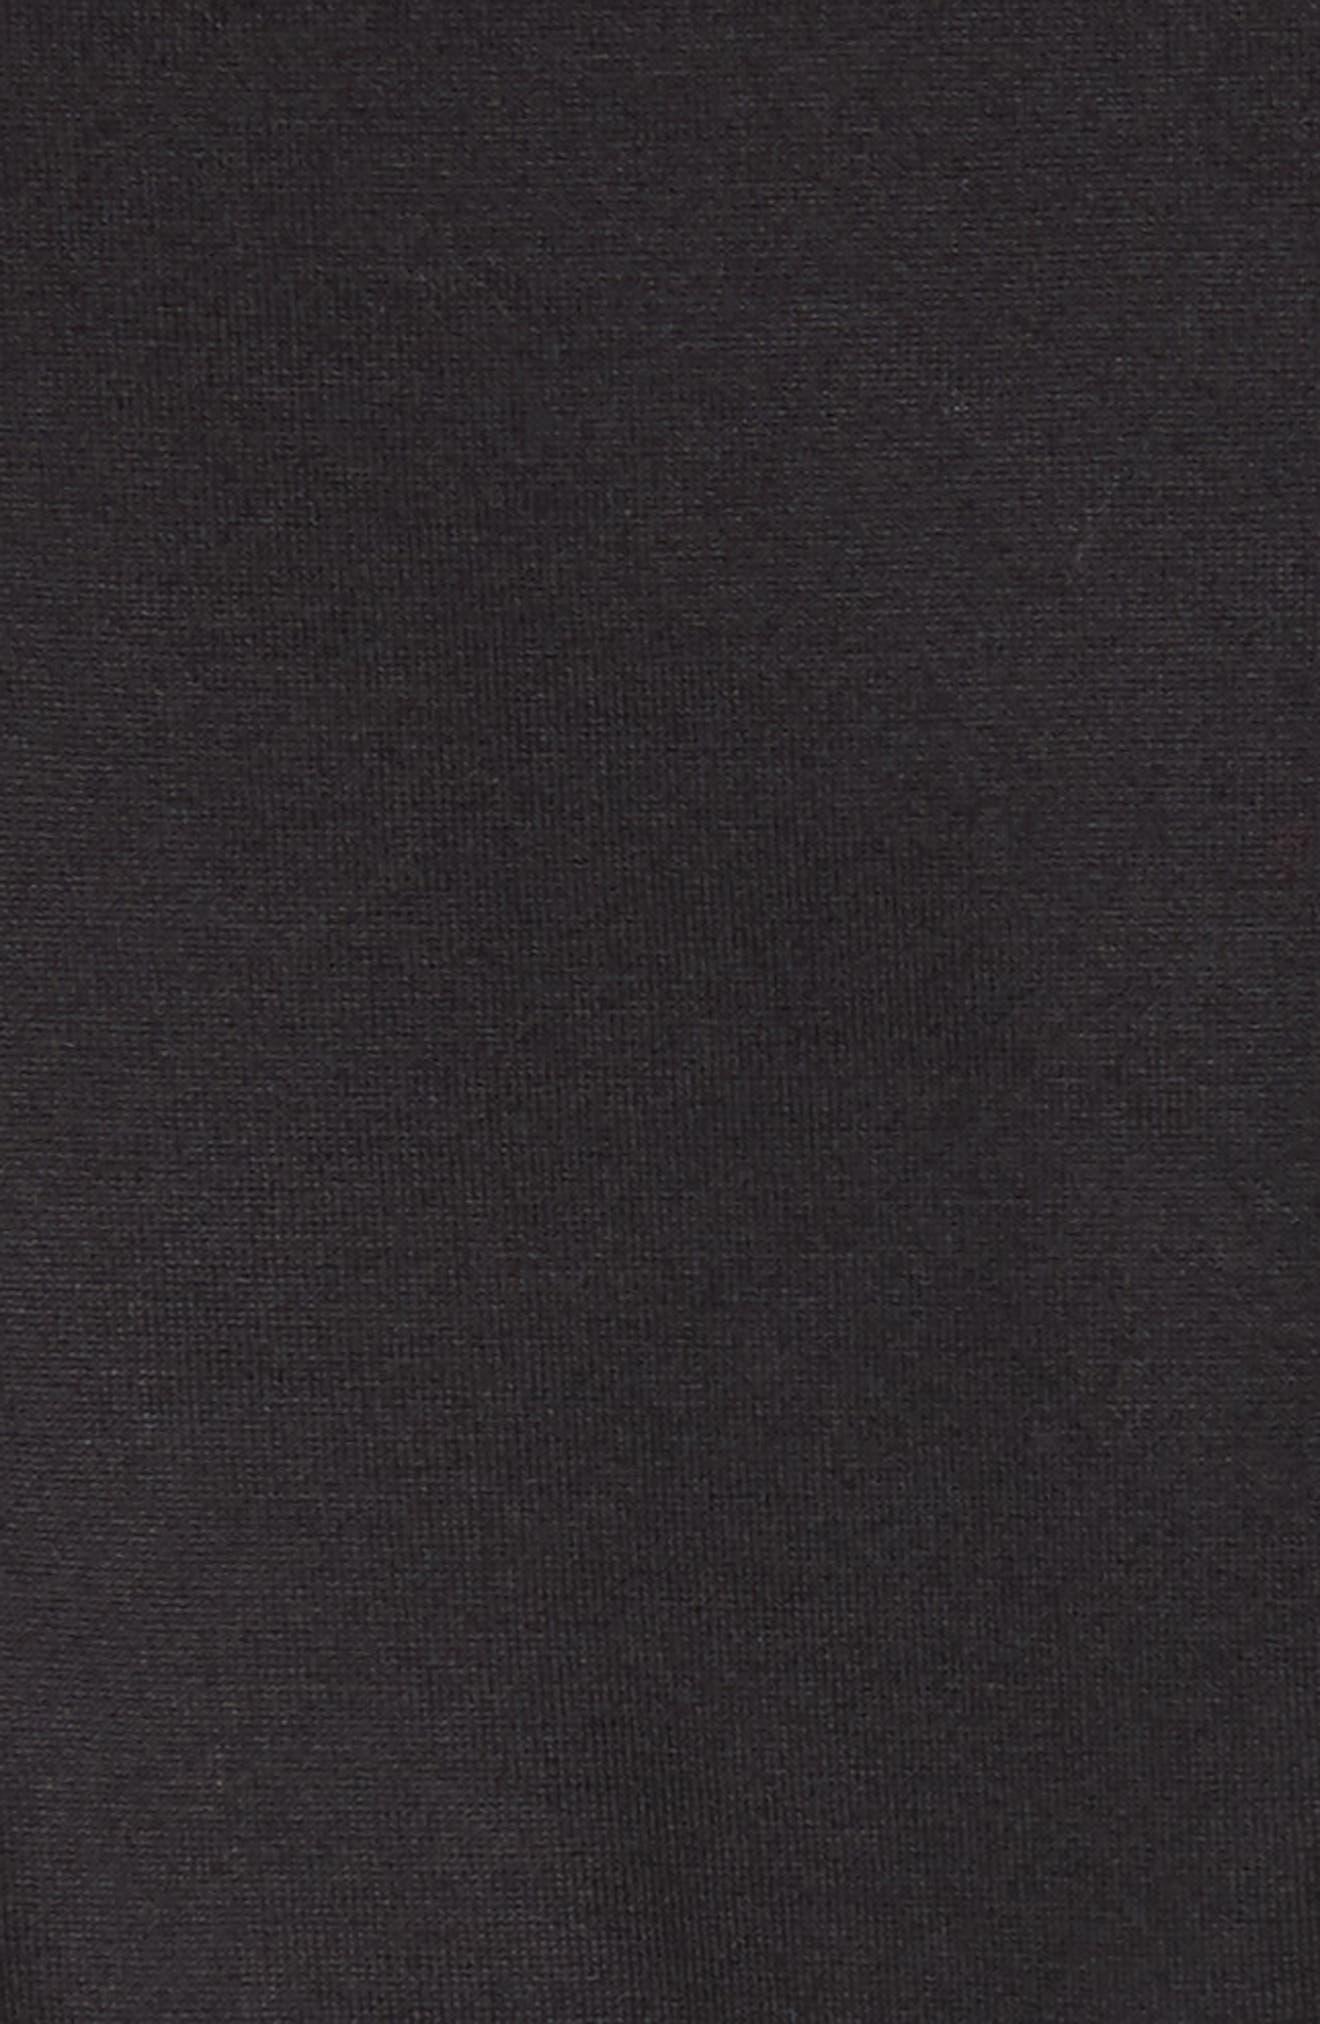 Abito Shirred Midi Dress,                             Alternate thumbnail 6, color,                             BLACK